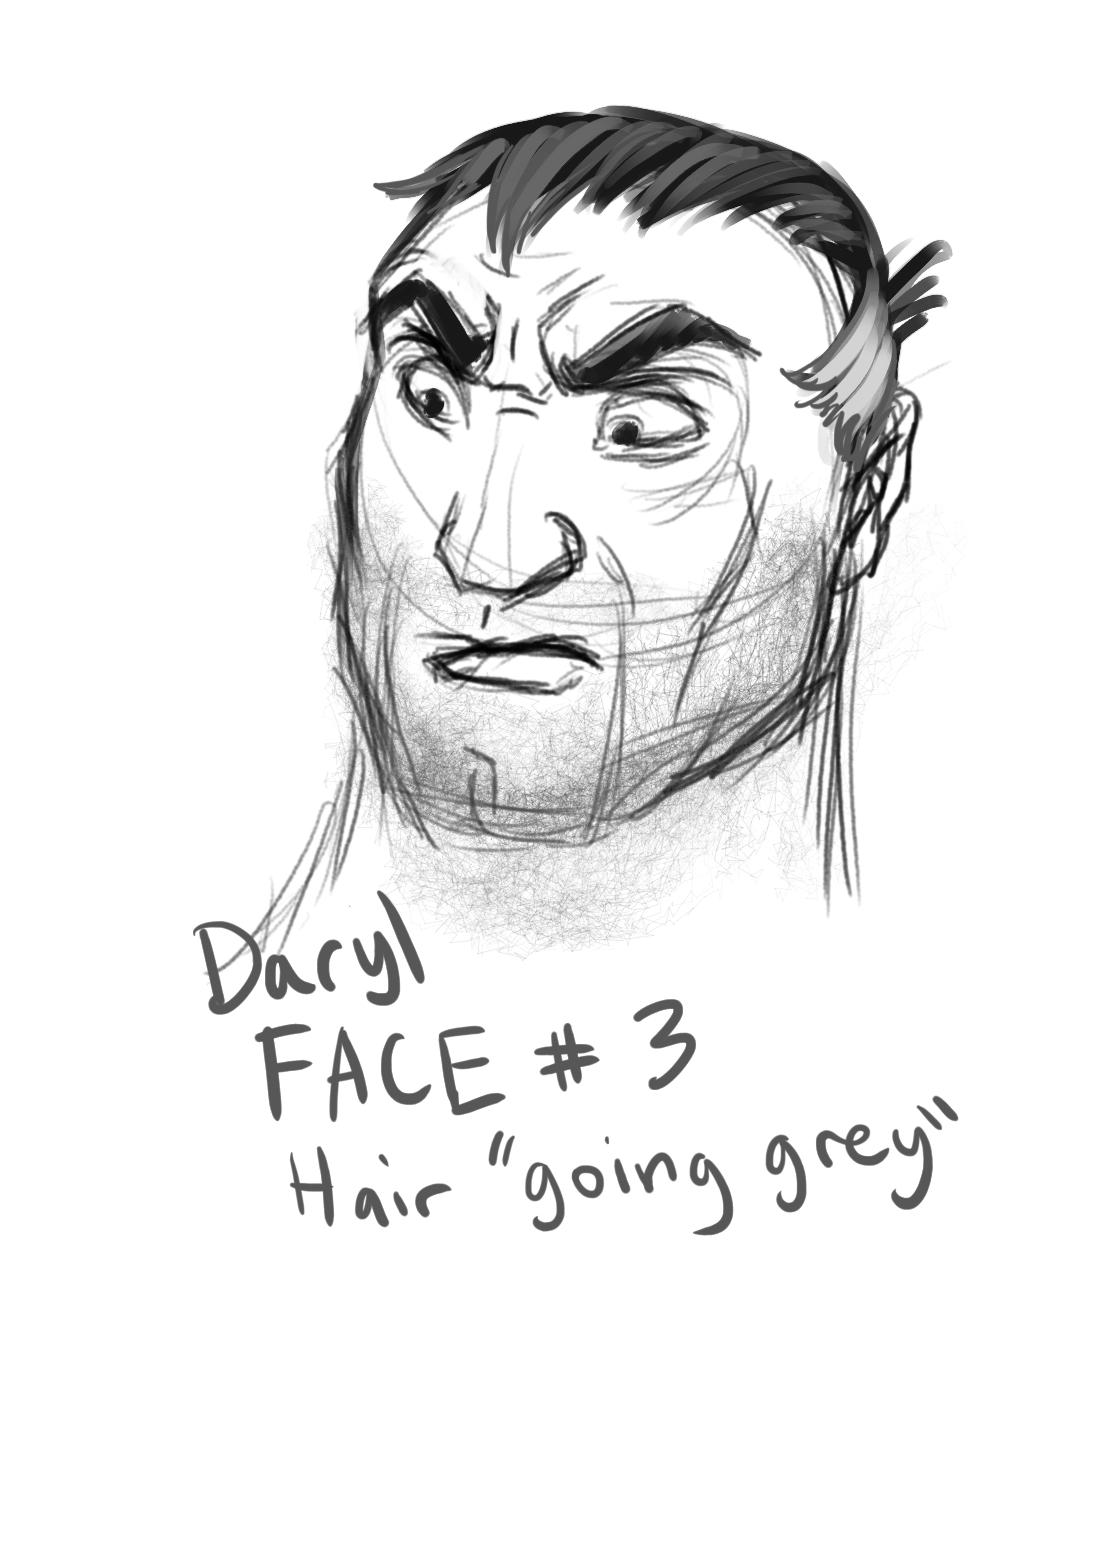 Daryl_face03_goingGrey_concept_art.jpeg